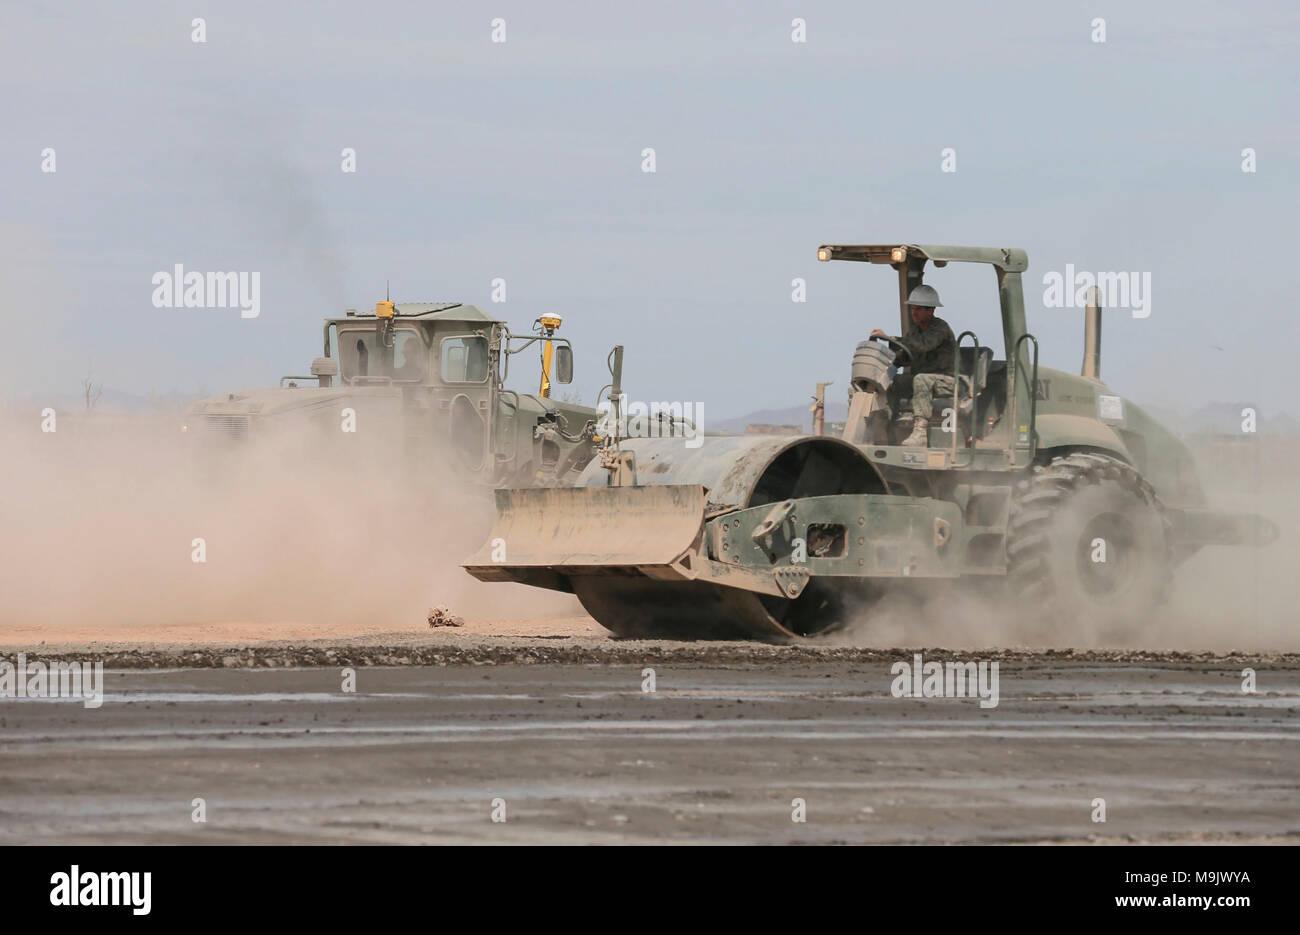 Los Marines de Estados Unidos con el apoyo del ala Marina Squadron (MWSS) 272 compact cemento portland durante un ejercicio de mantenimiento de aeródromo expedicionaria en apoyo de armas y tácticas Instructor 2-18 en el Aeródromo, Dateland STOVAL expedicionario, Arizona, el 21 de marzo. El WTI es un evento de capacitación de siete semanas organizado por la Aviación Marina Escuadrón de armas y tácticas (MAWTS) 1 cuadros, que enfatiza la integración operacional de las seis funciones de aviación del Cuerpo de Infantería de Marina en apoyo de una masa de aire marino Task Force y proporciona entrenamiento táctico avanzado estandarizado y certificación de instructor de la unidad de calificación para Foto de stock